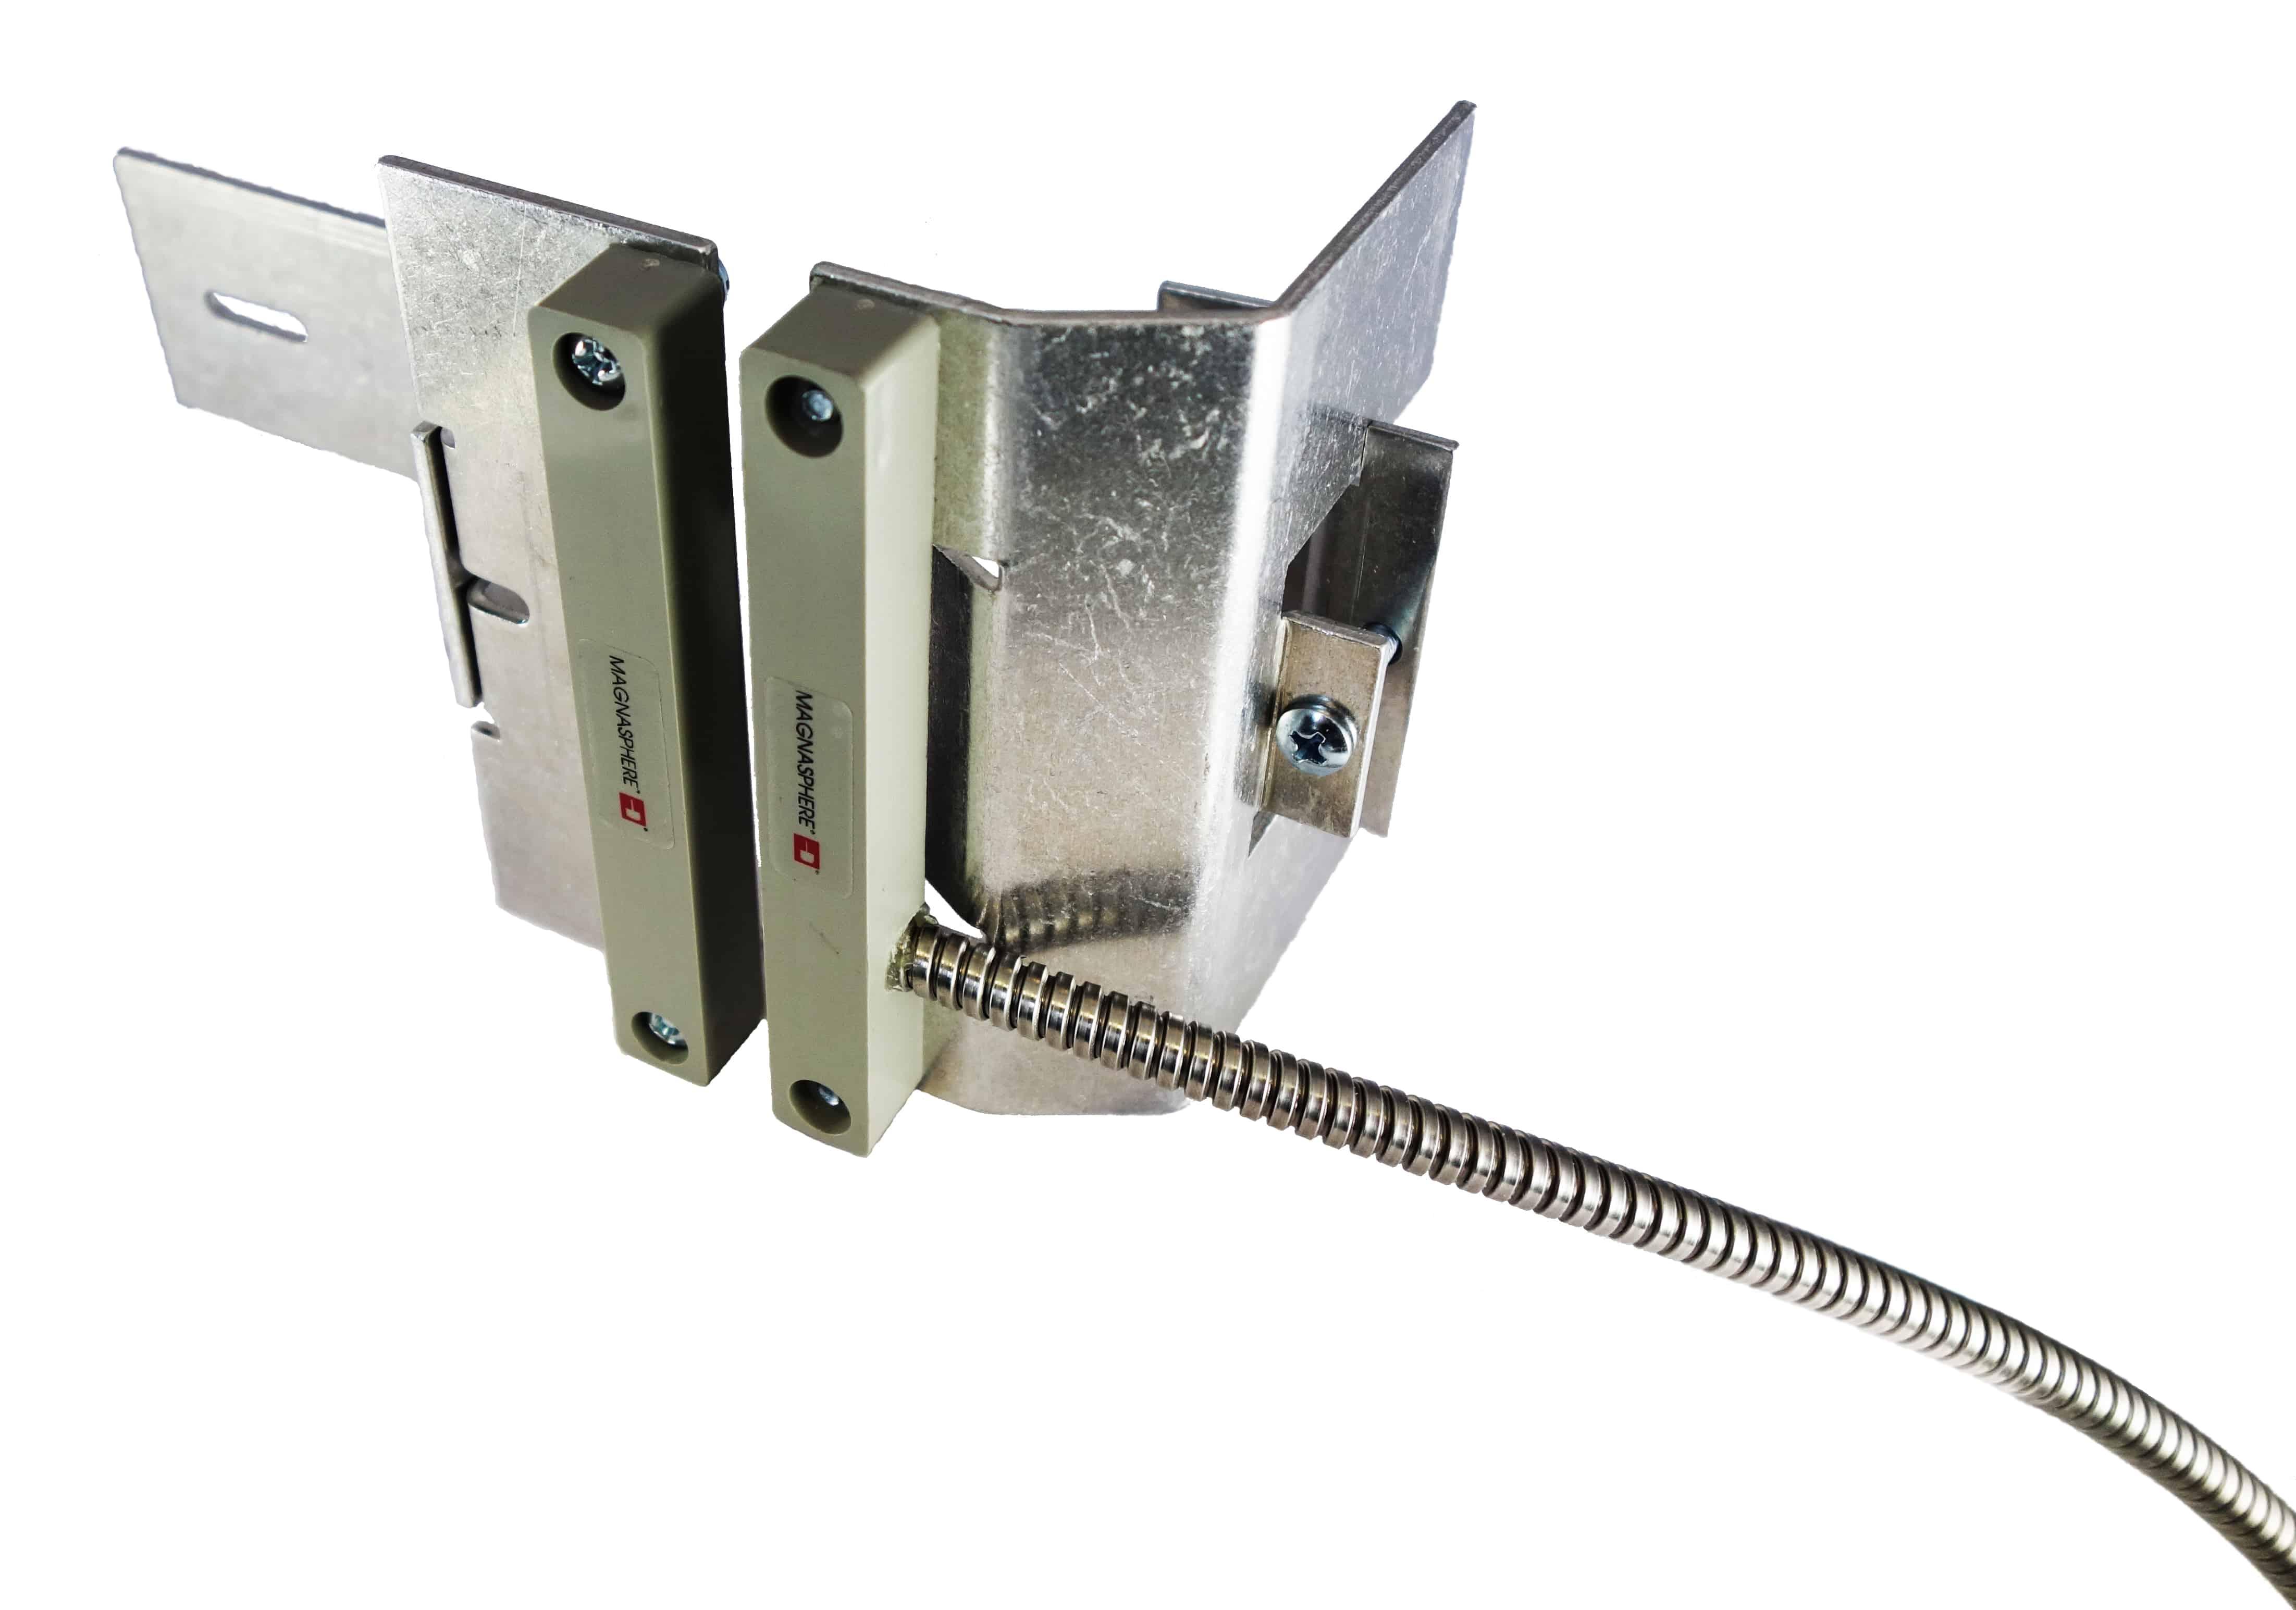 sc 1 st  MAGNASPHERE & 4.0u2033 [102mm] Overhead Door Contact | MAGNASPHERE